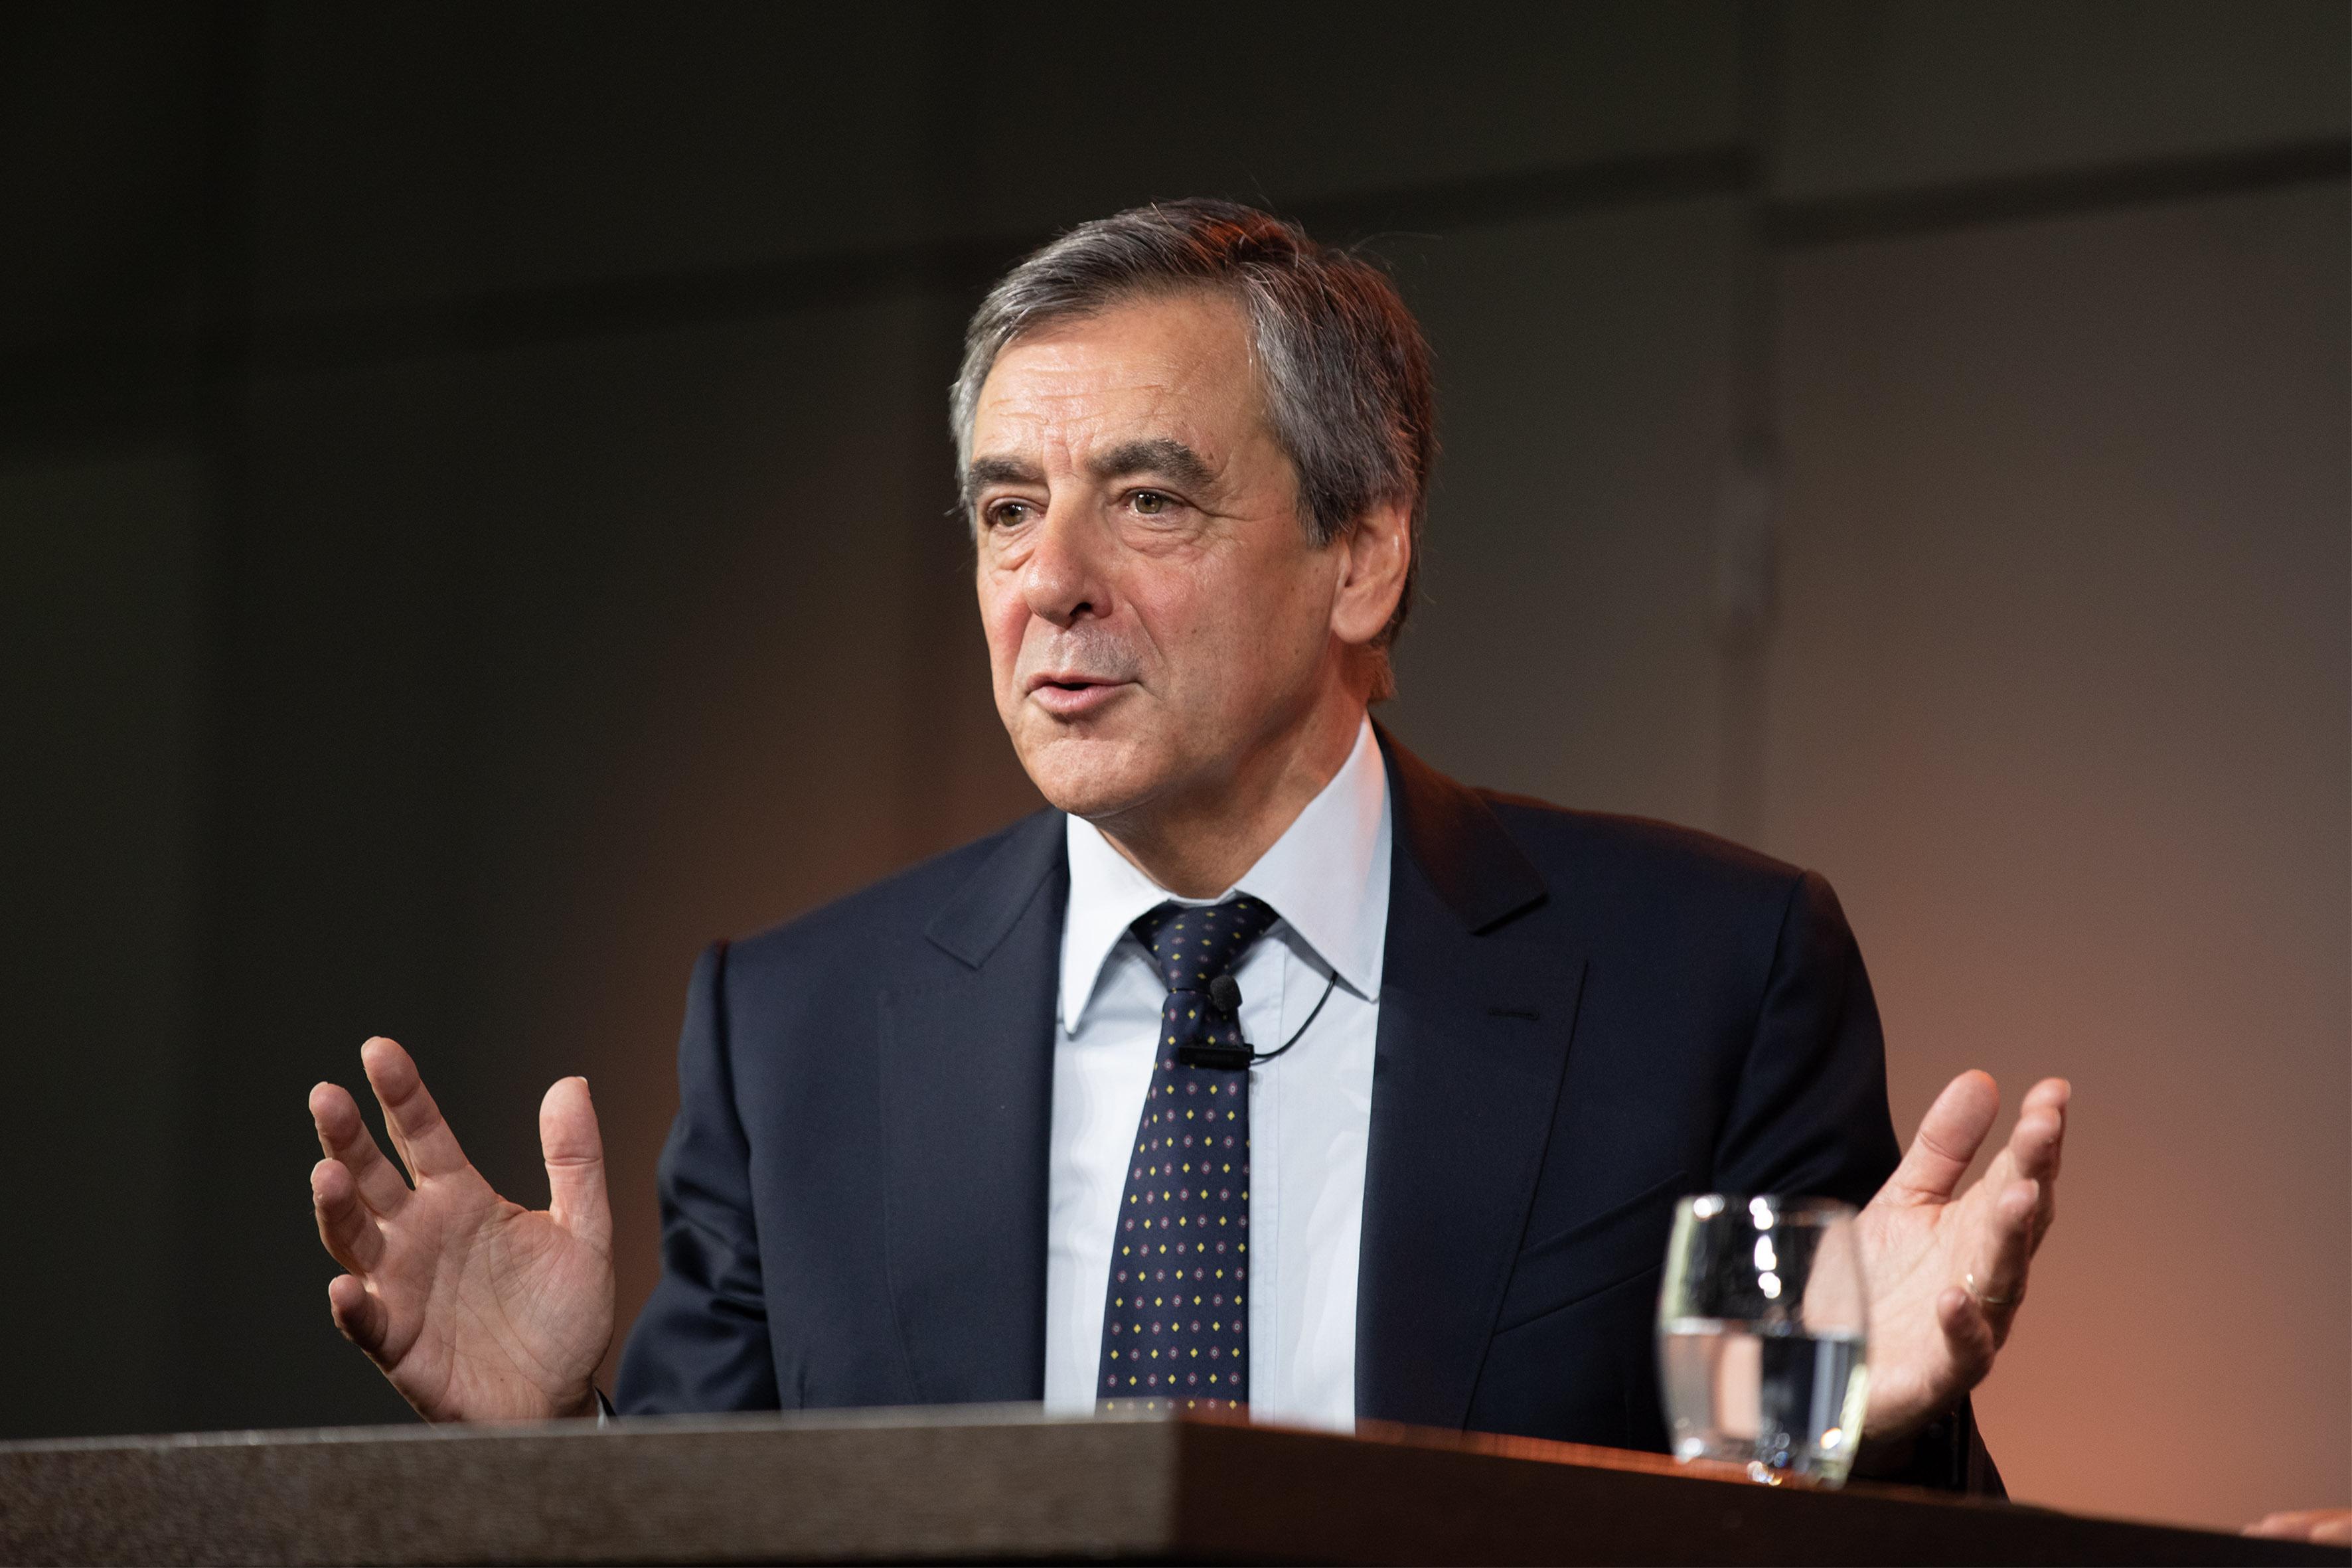 François Fillon: